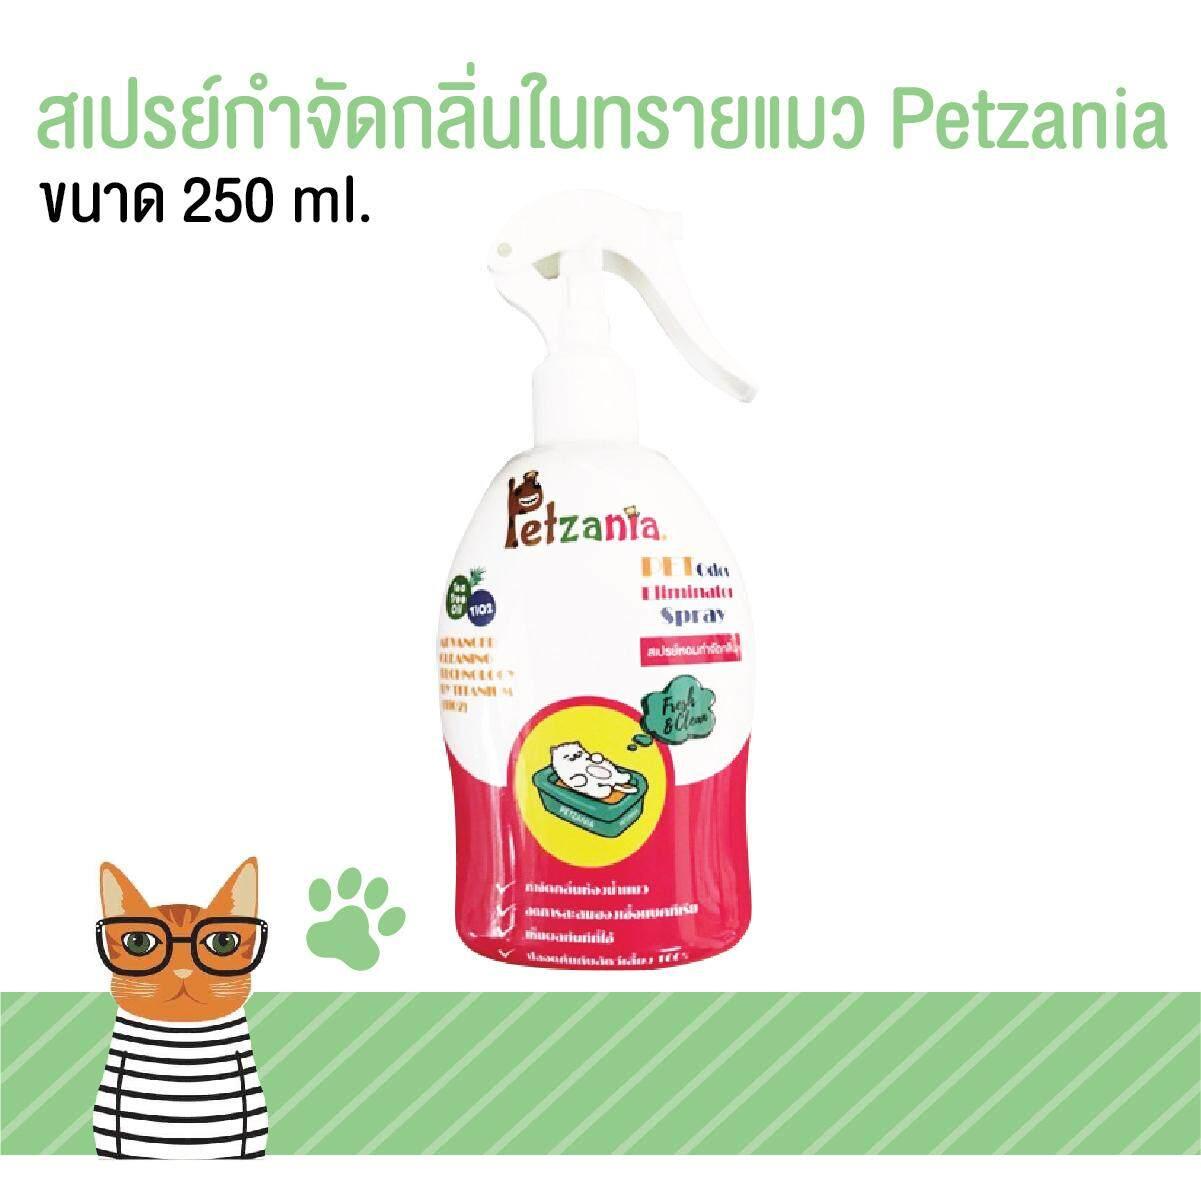 สเปรย์หอมกำจัดกลิ่นในทรายแมว Petzania น้ำหอมกำจัดกลิ่น ขนาด 250 Ml โดย Yes Pet Shop.